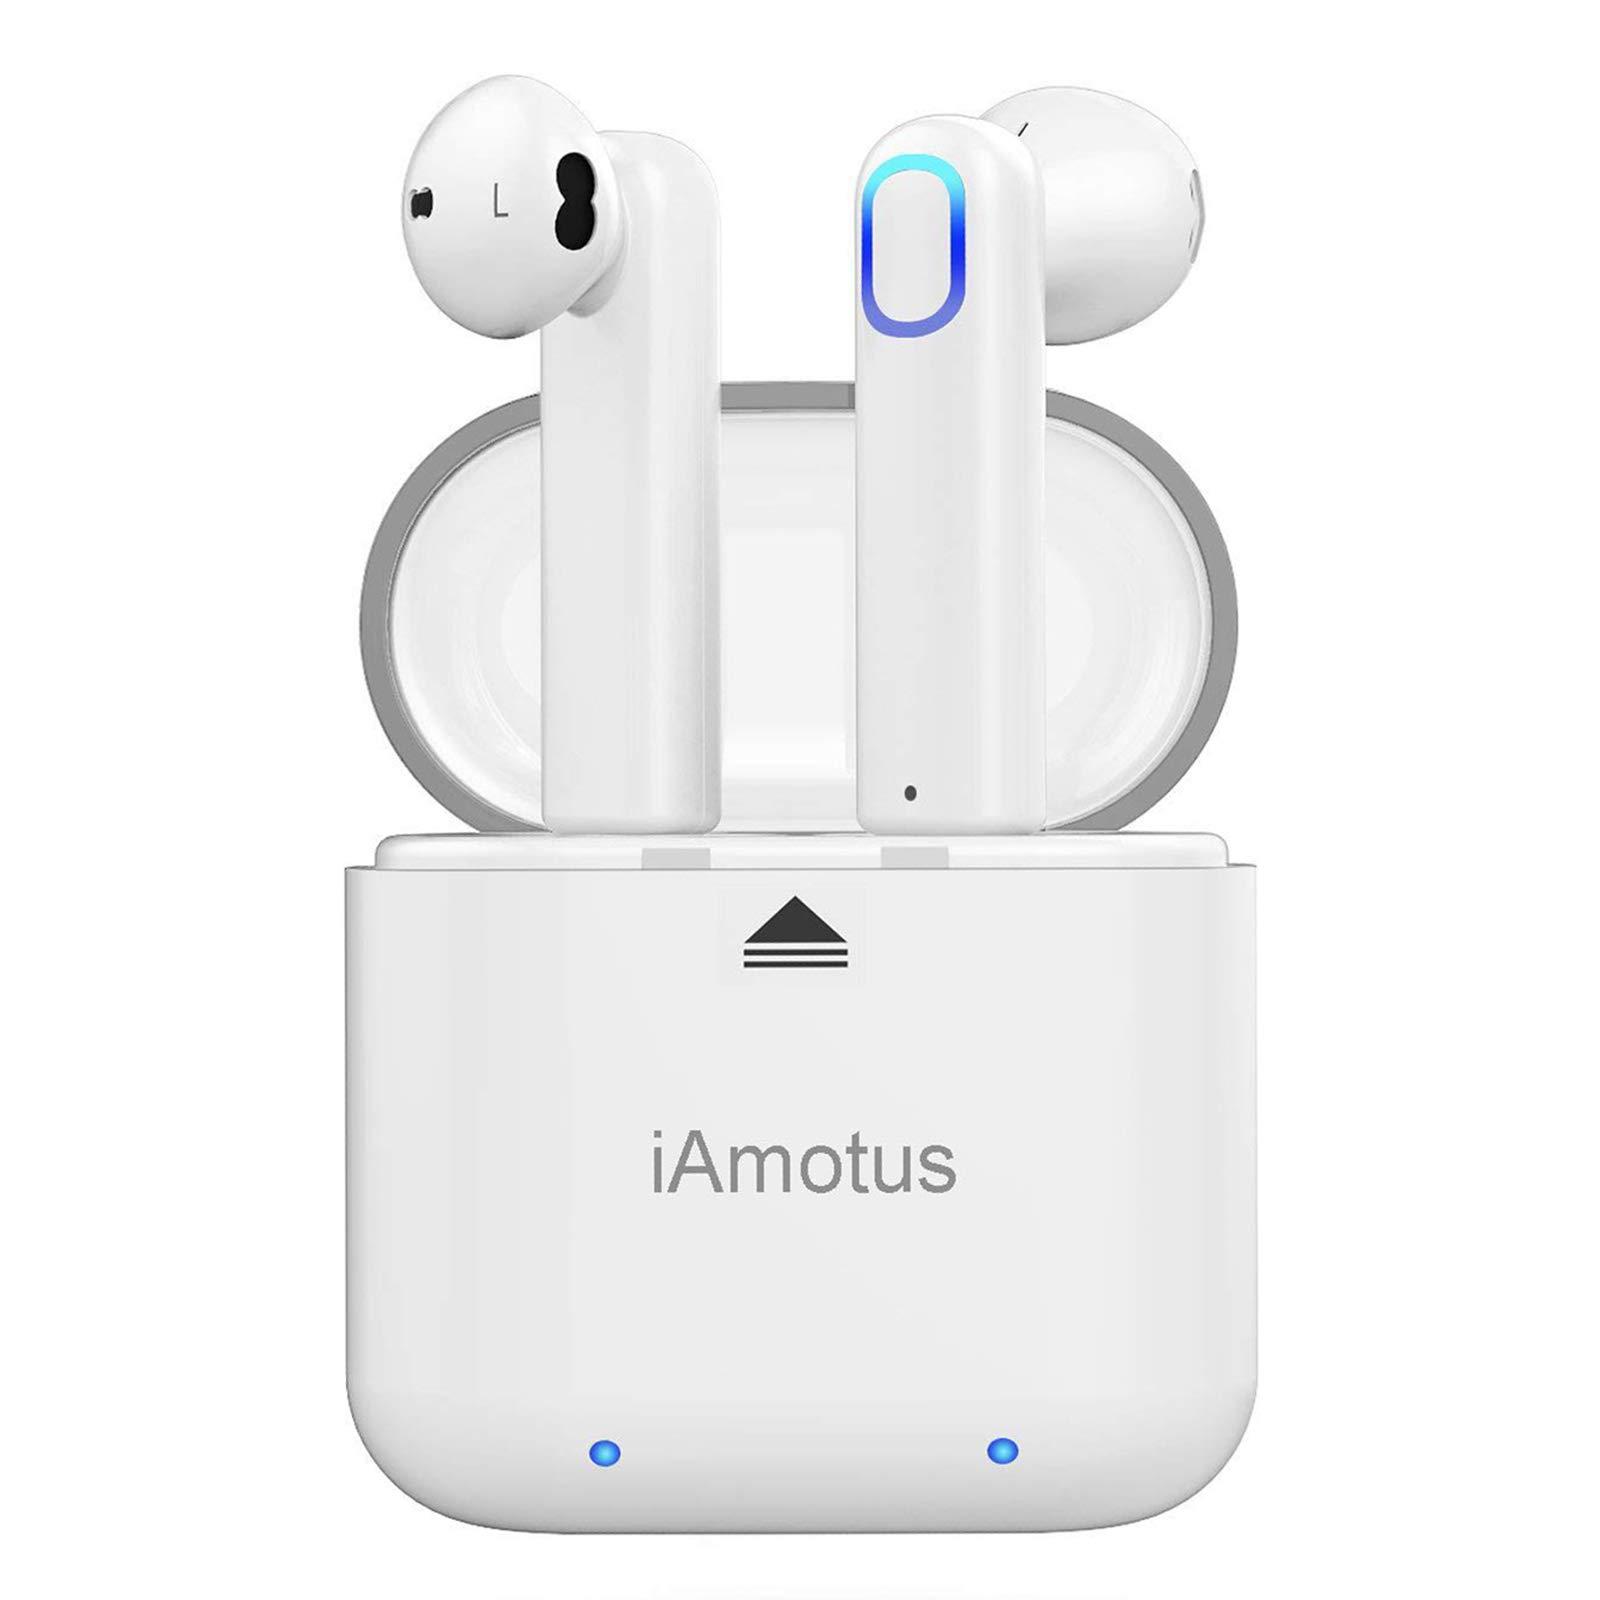 Auriculares Bluetooth, iAmotus Auriculares Inalámbricos Bluetooth 5.0 In-Ear Deportivos Auriculares TWS Wireless Bluetooth Control Rapida Resistente al Agua con Caja de Carga para iPhone y Android: Amazon.es: Electrónica